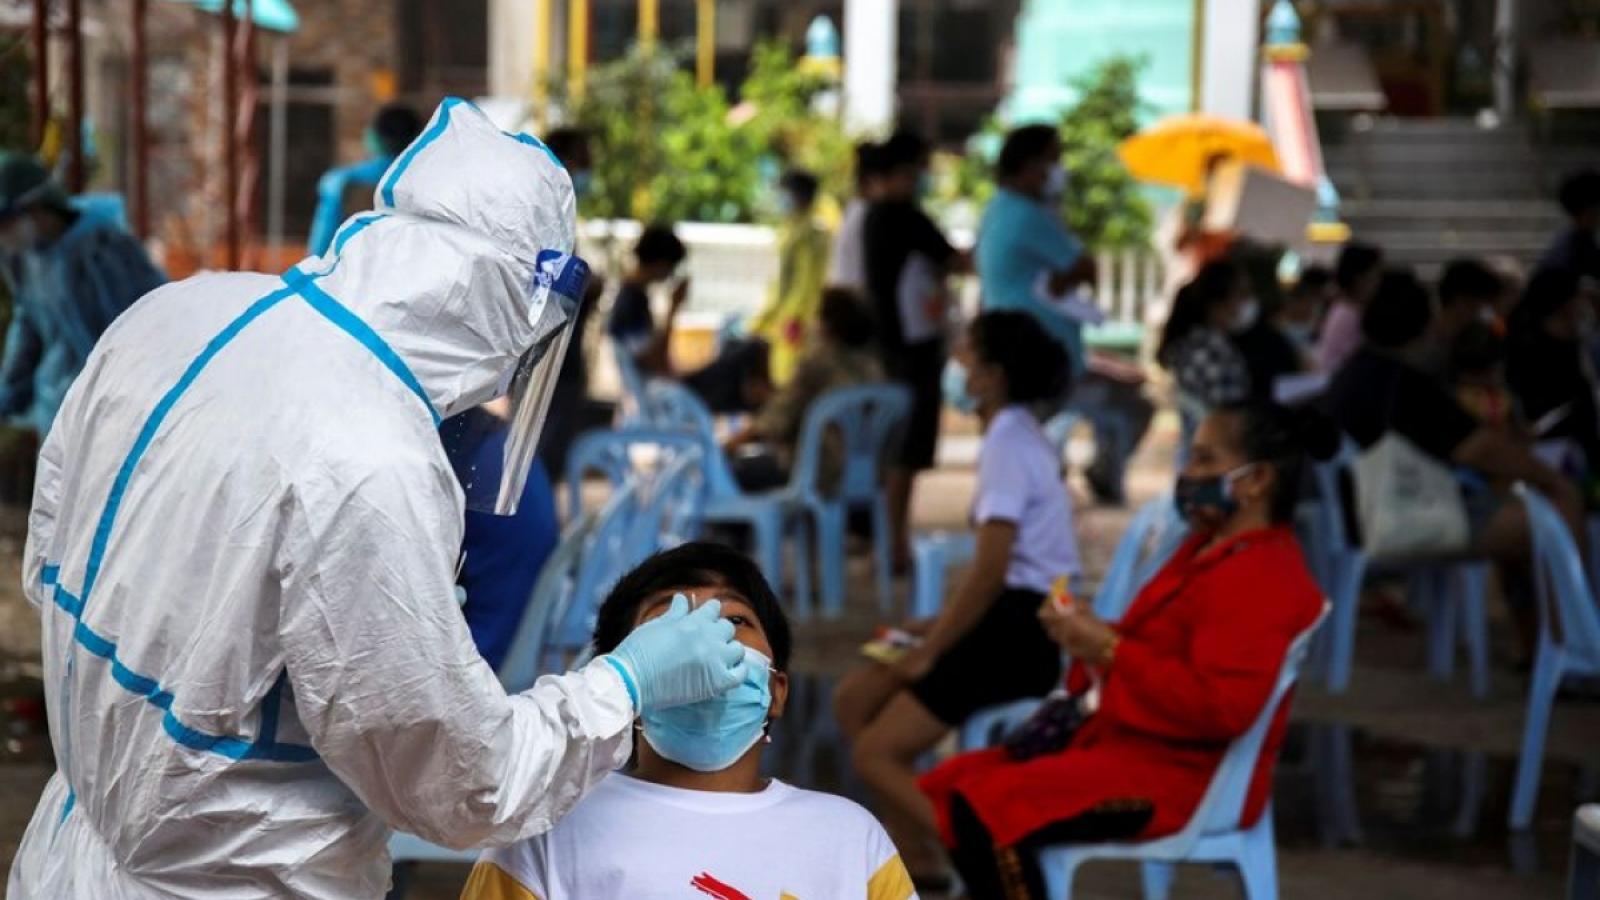 Số ca mắc COVID-19 ở Thái Lan tăng mạnh, thách thức năng lực ứng phó của hệ thống y tế